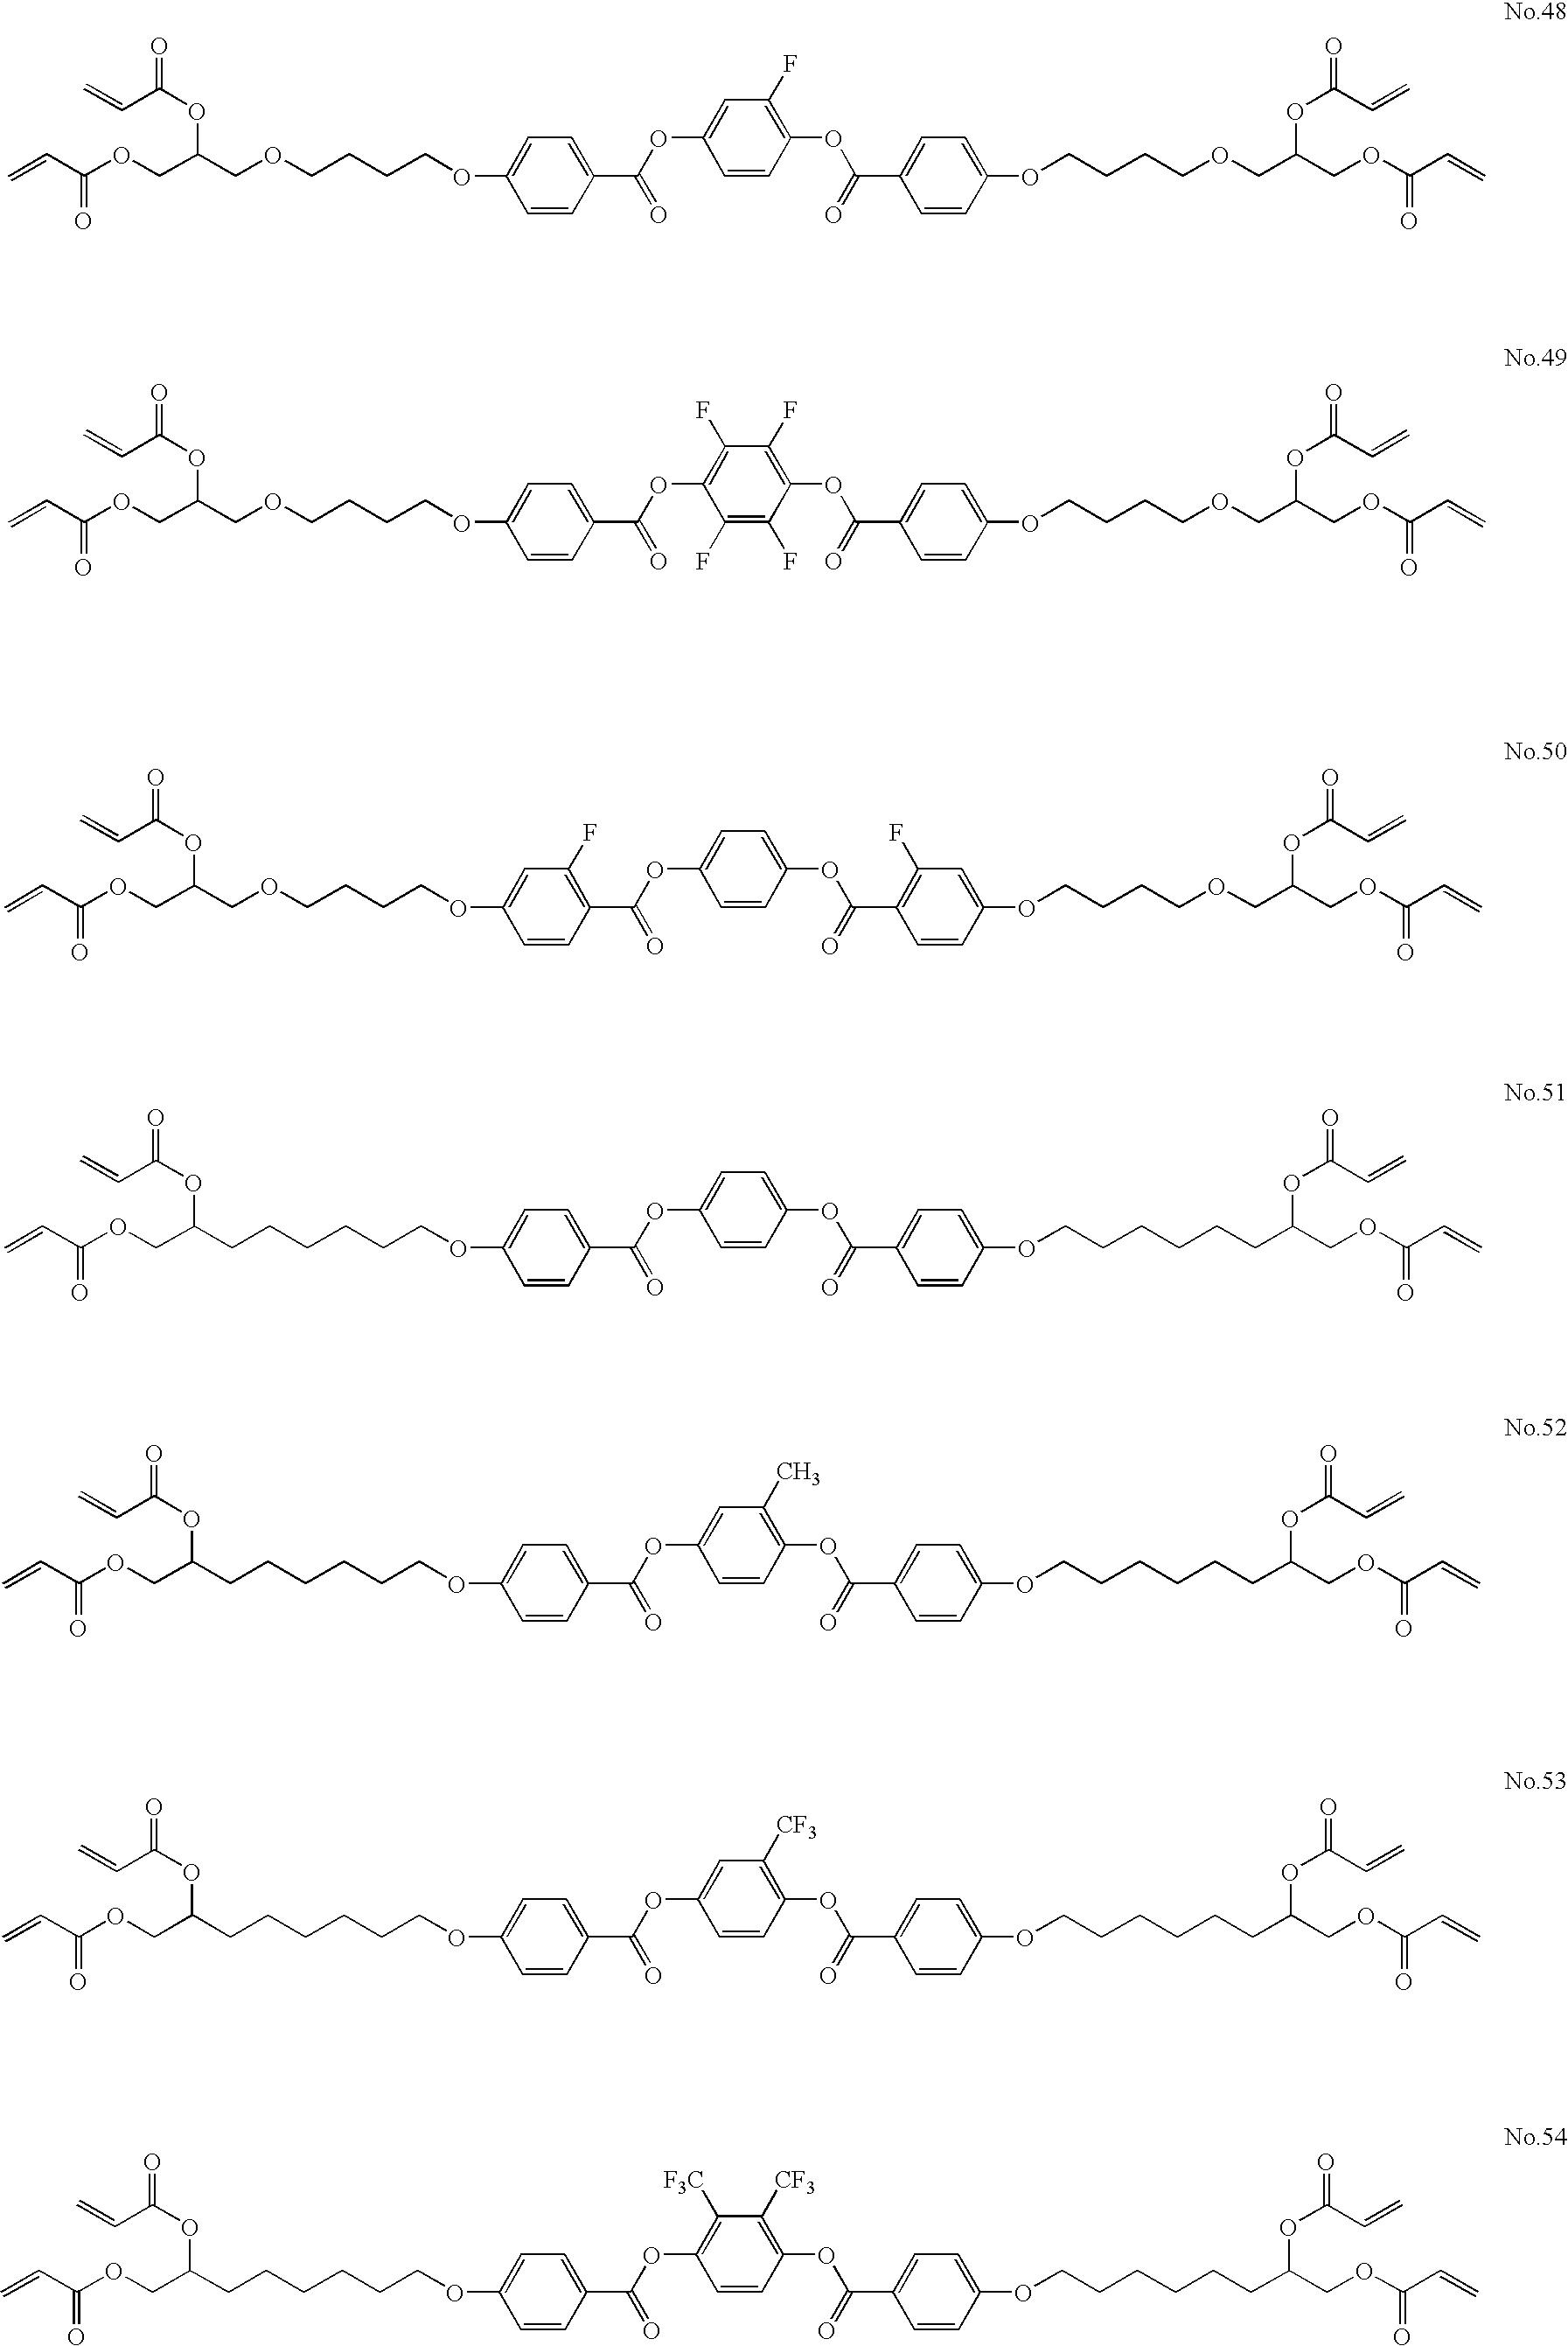 Figure US20060172090A1-20060803-C00018